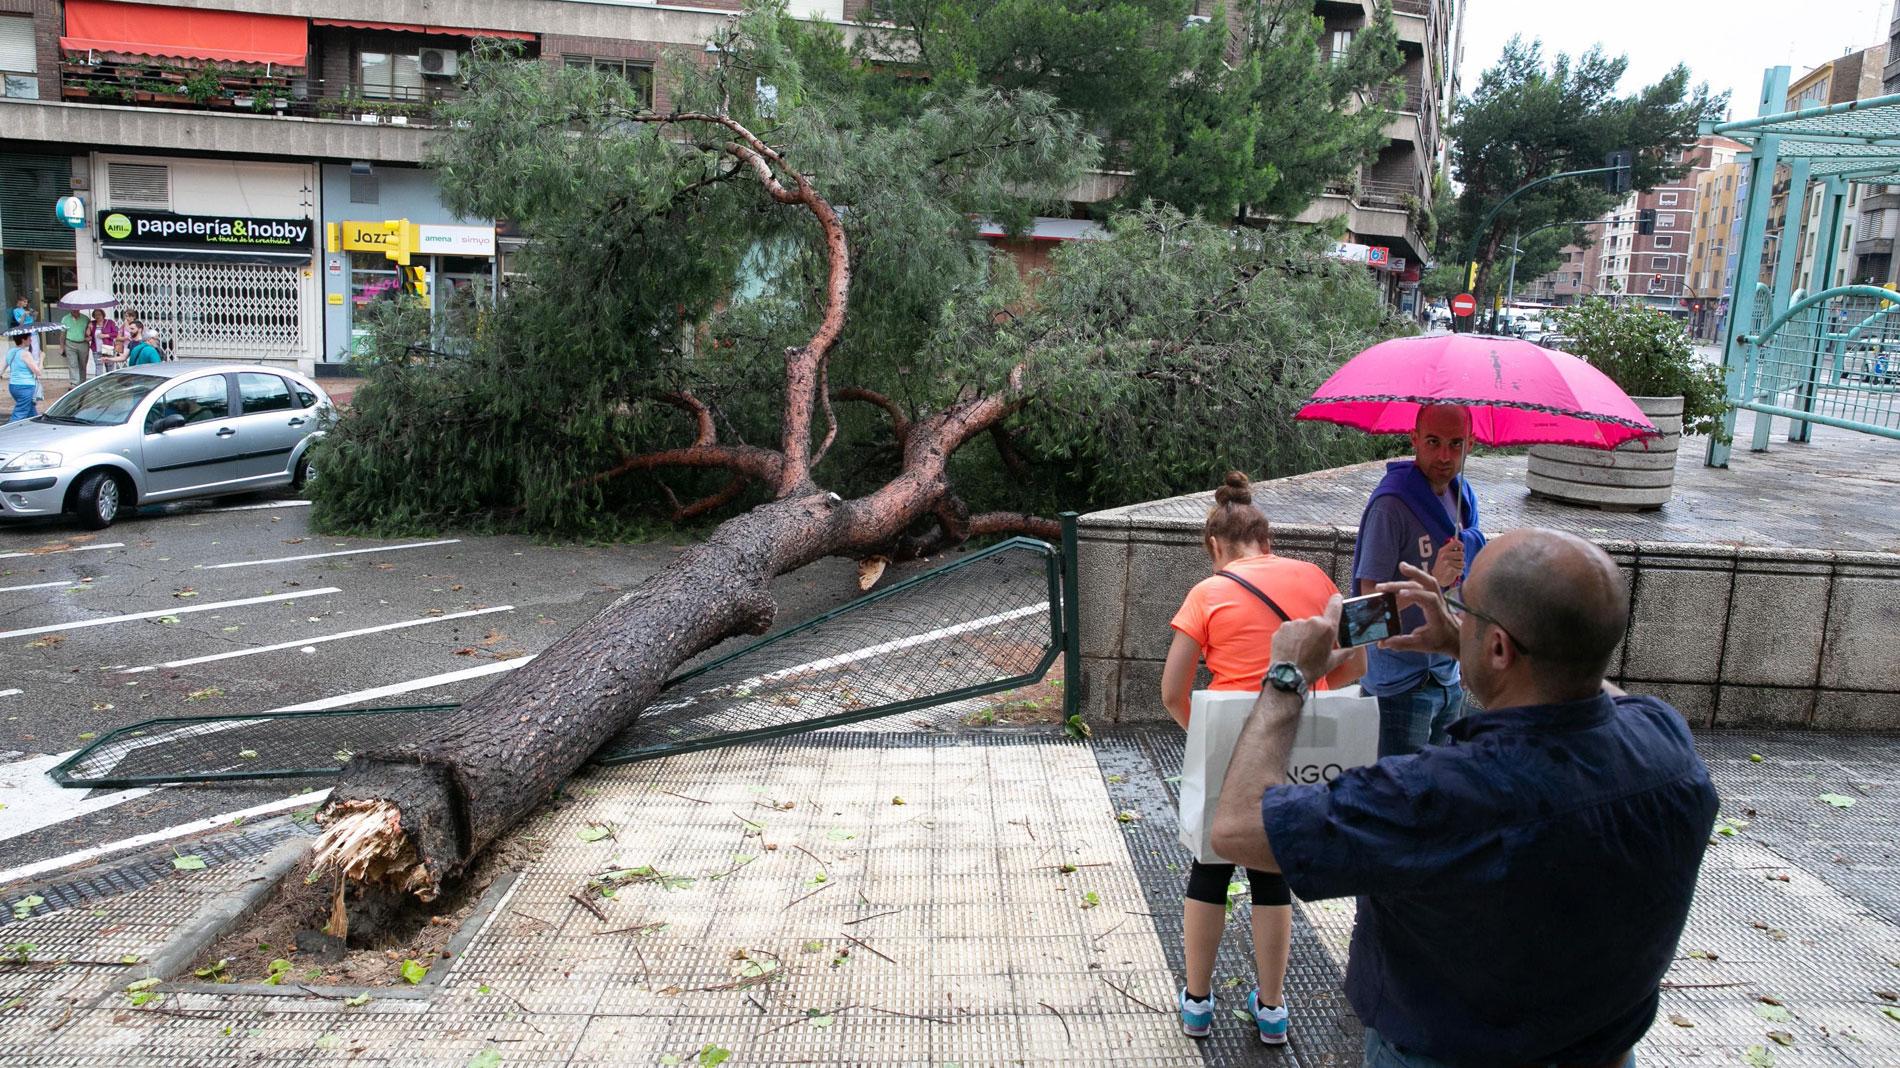 Una fuerte tormenta de unos minutos provoca el caos en Zaragoza: calles inundadas, caída de árboles y carreteras cortadas